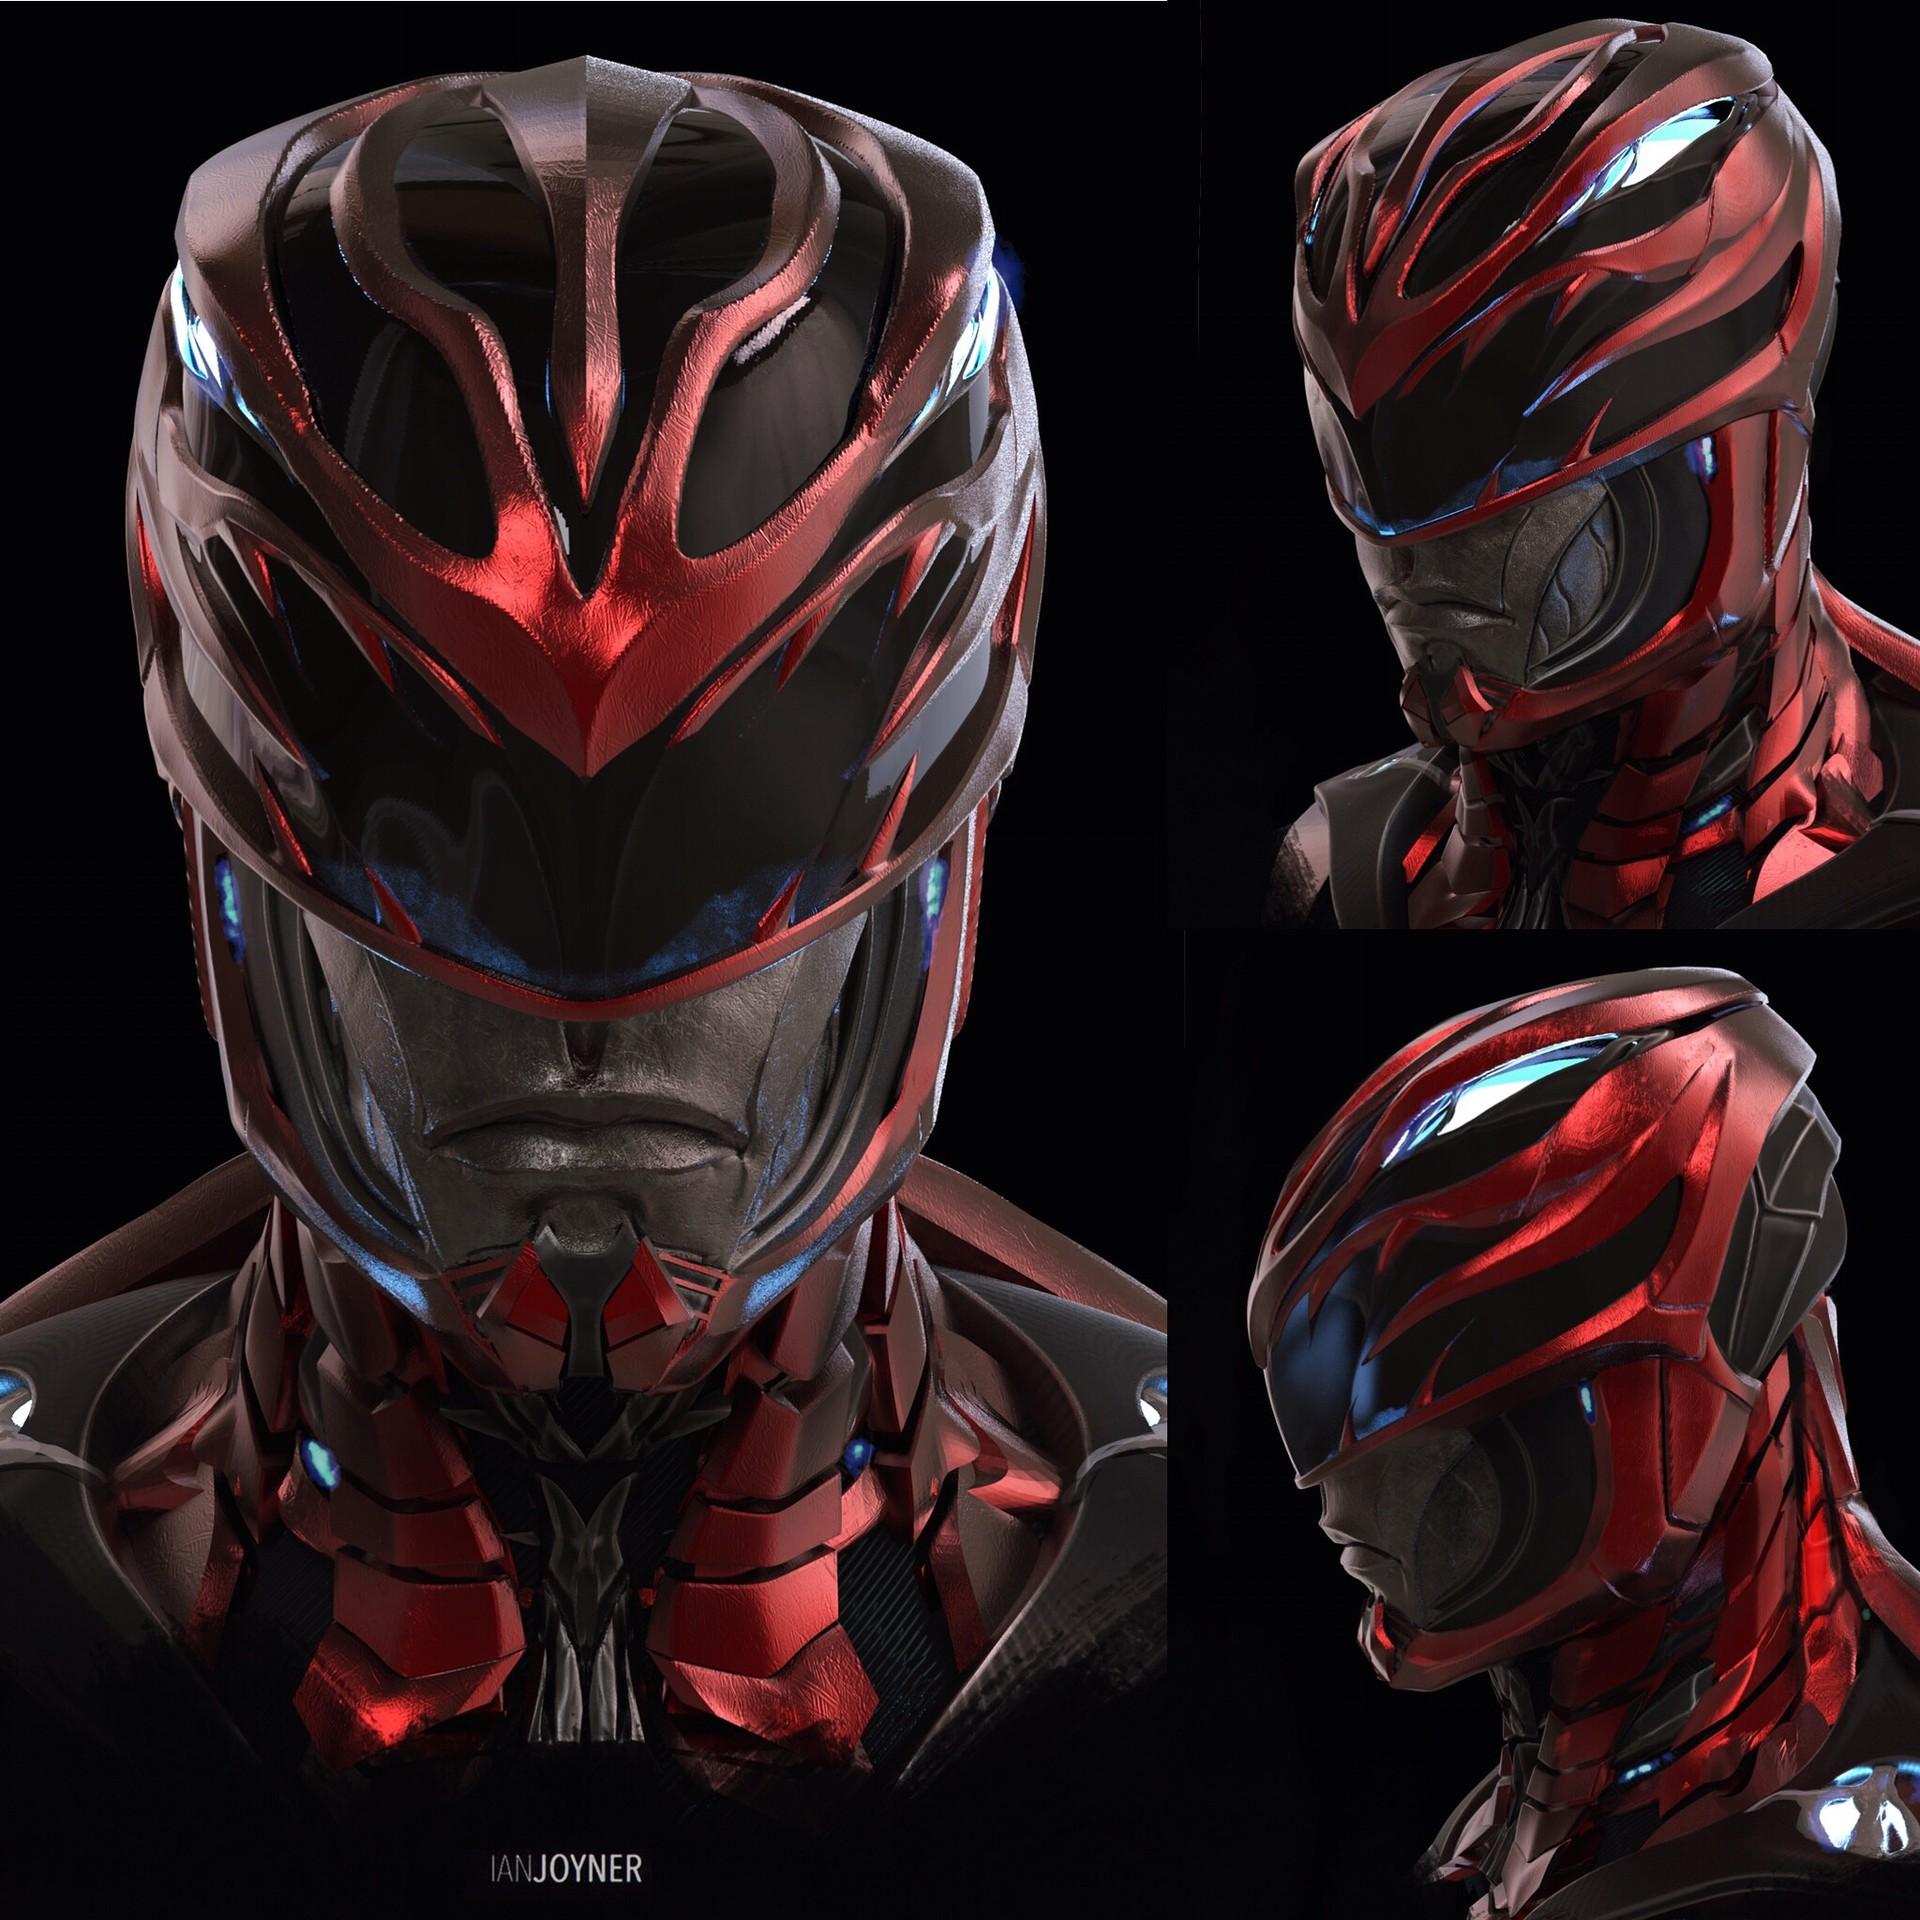 ian joyner - red ranger